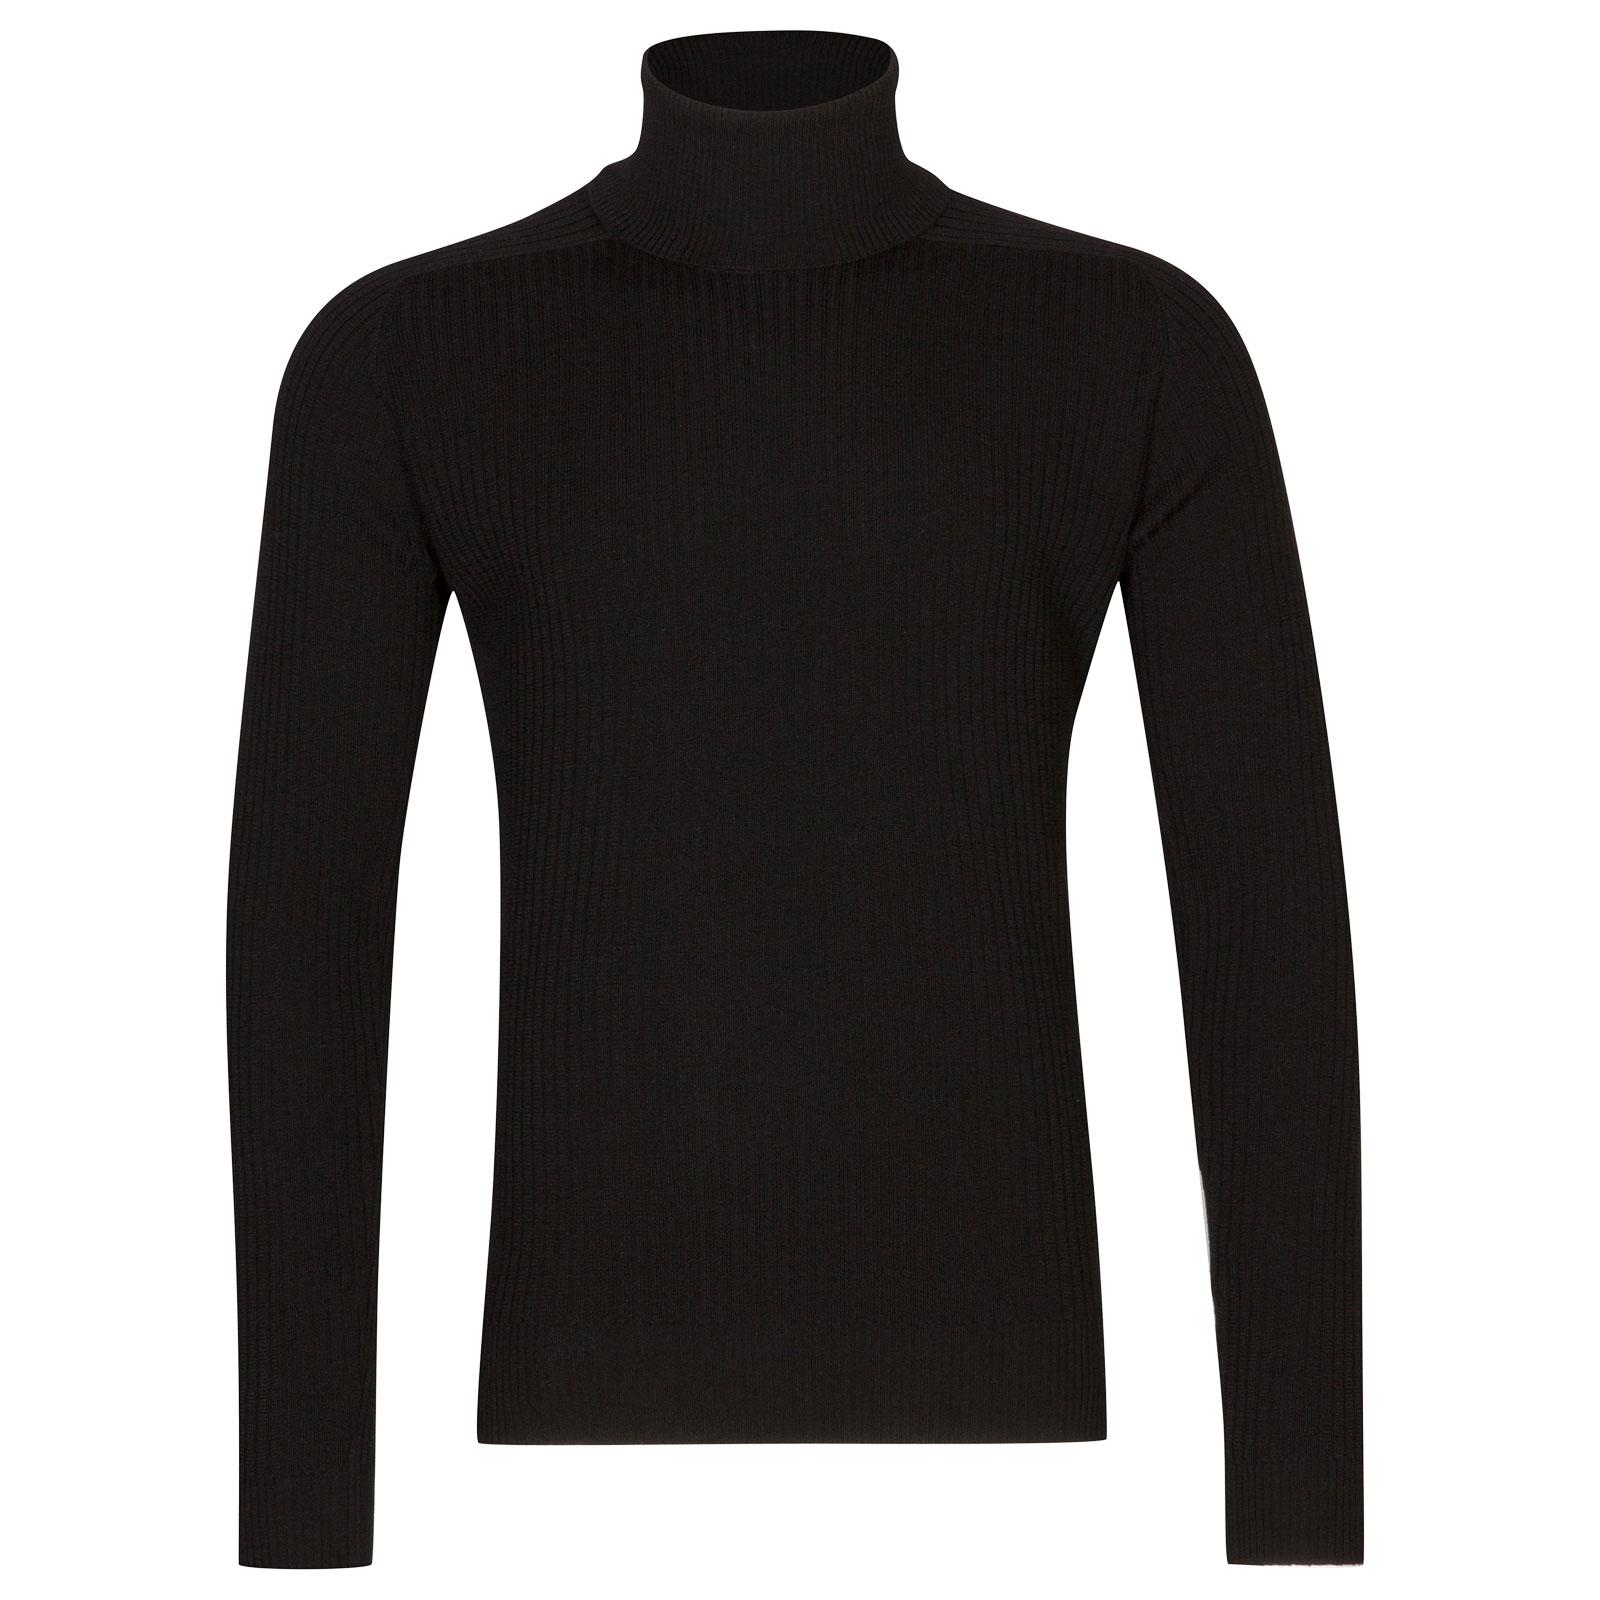 John Smedley redmayne Merino Wool Pullover in Black-XL